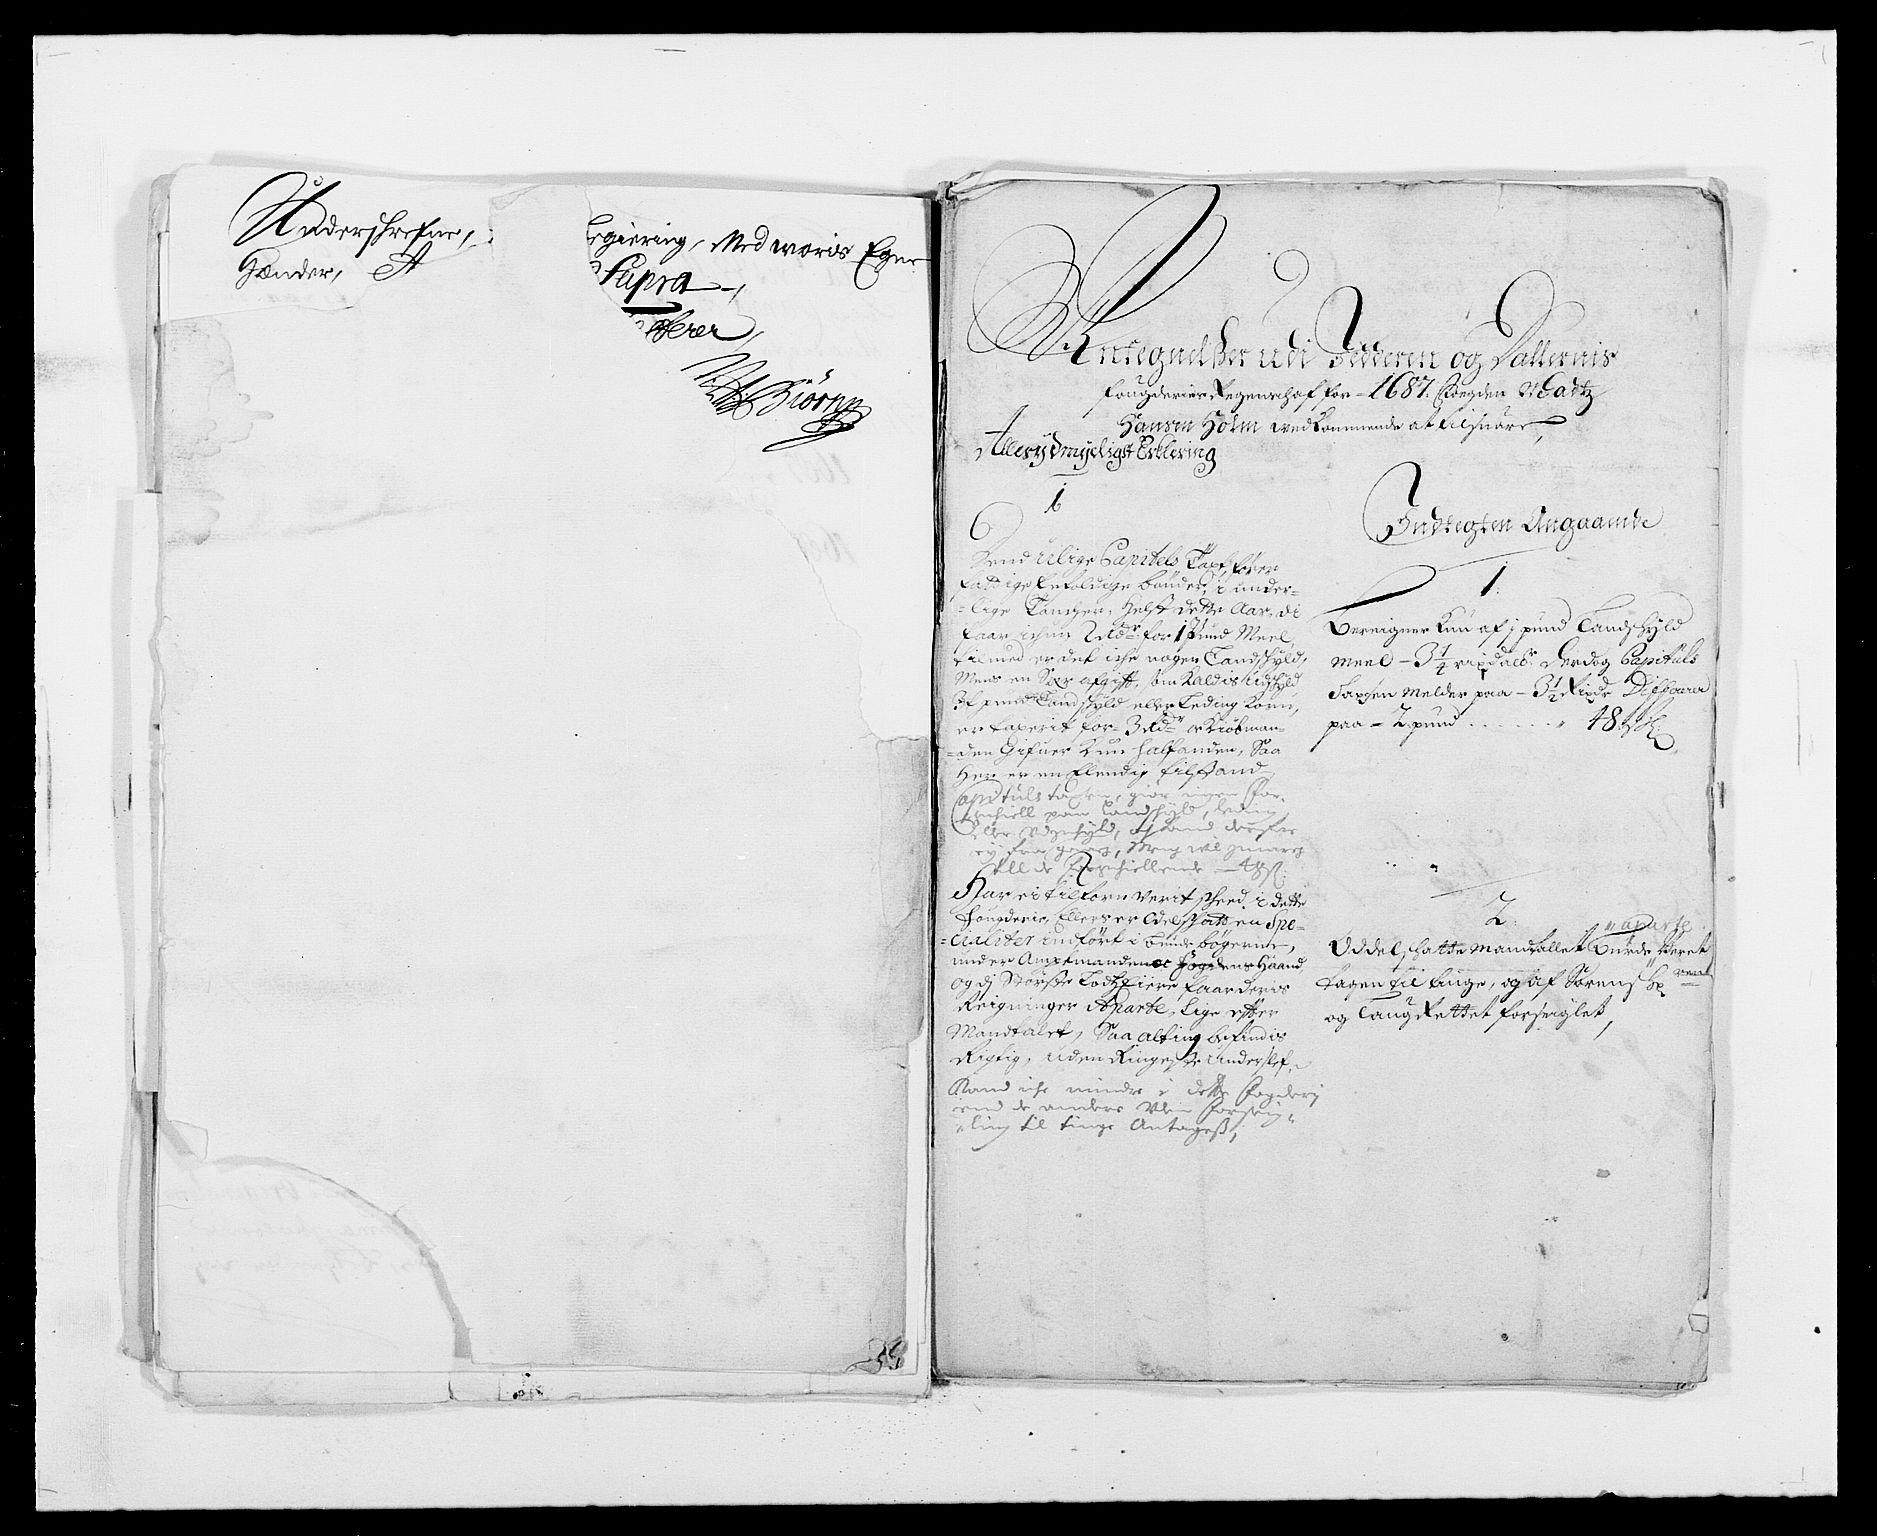 RA, Rentekammeret inntil 1814, Reviderte regnskaper, Fogderegnskap, R46/L2726: Fogderegnskap Jæren og Dalane, 1686-1689, s. 219